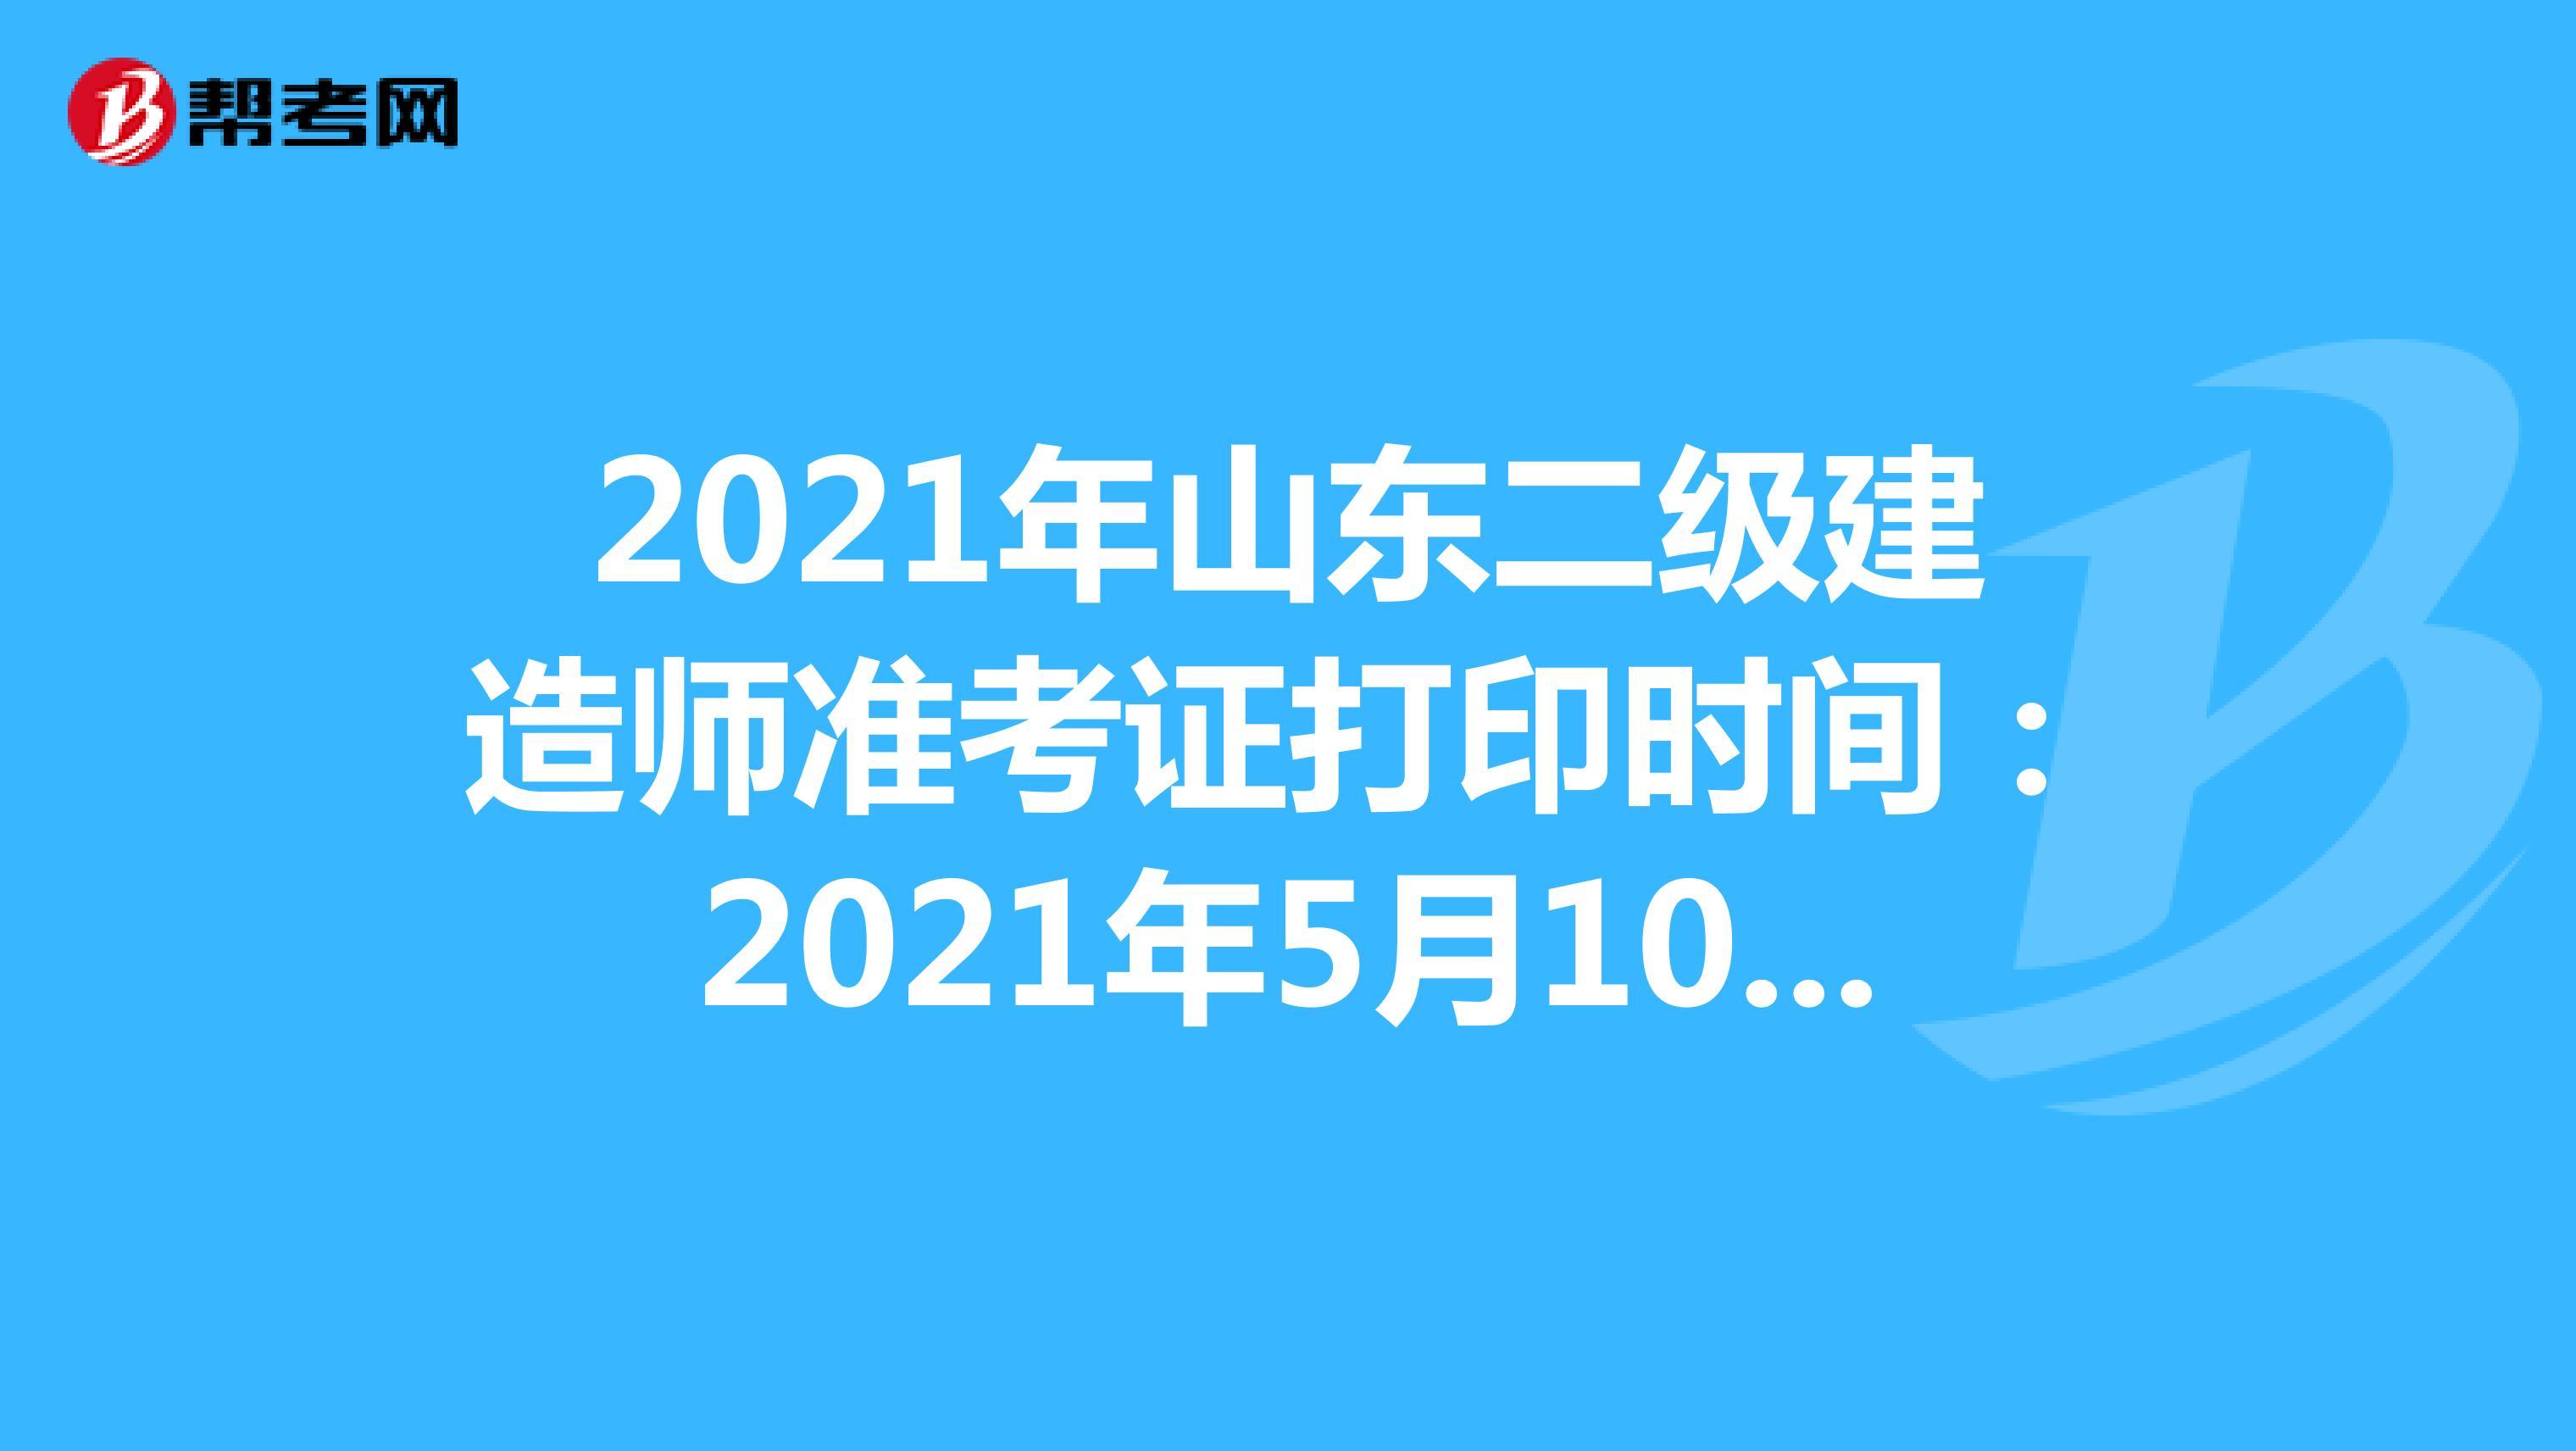 2021年山东二级建造师准考证打印时间:2021年5月10日-5月30日